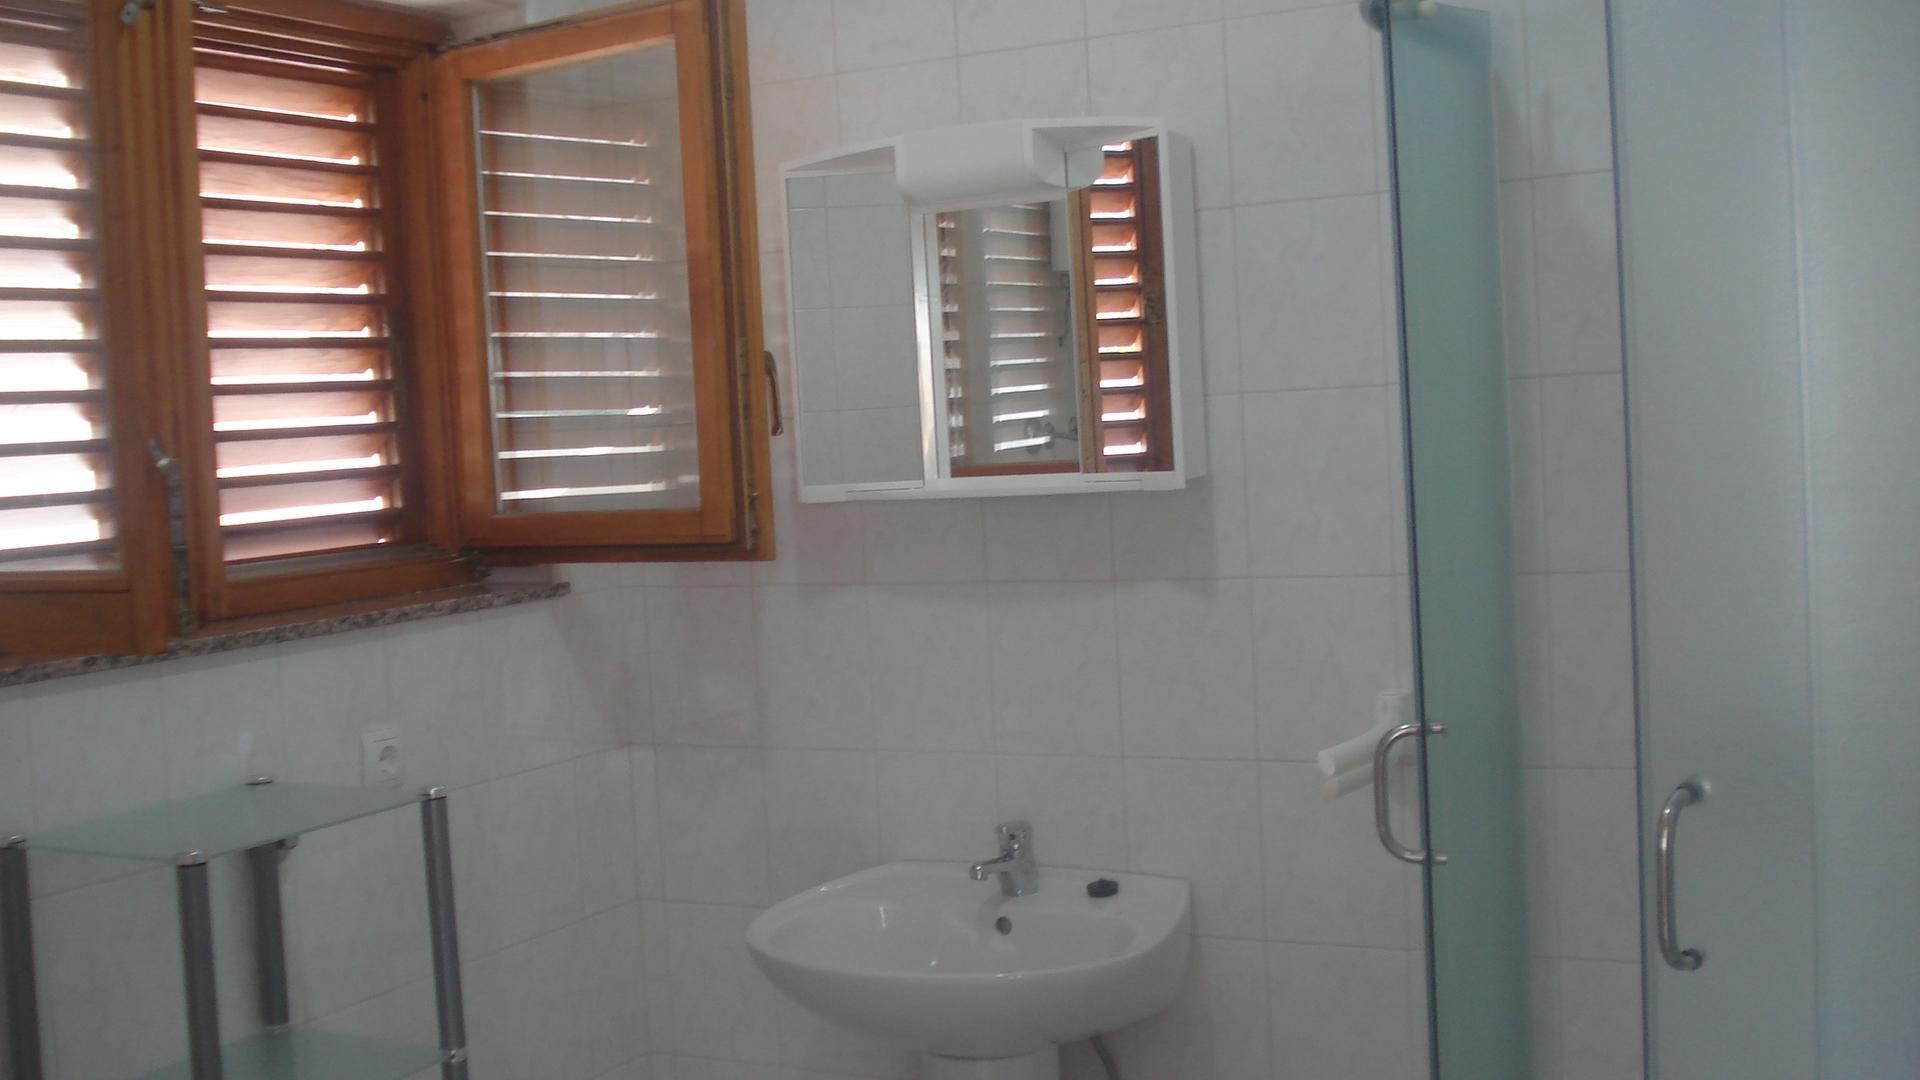 Biserka - Pag - Ferienwohnungen Kroatien - A2(2+2): Badezimmer mit Toilette